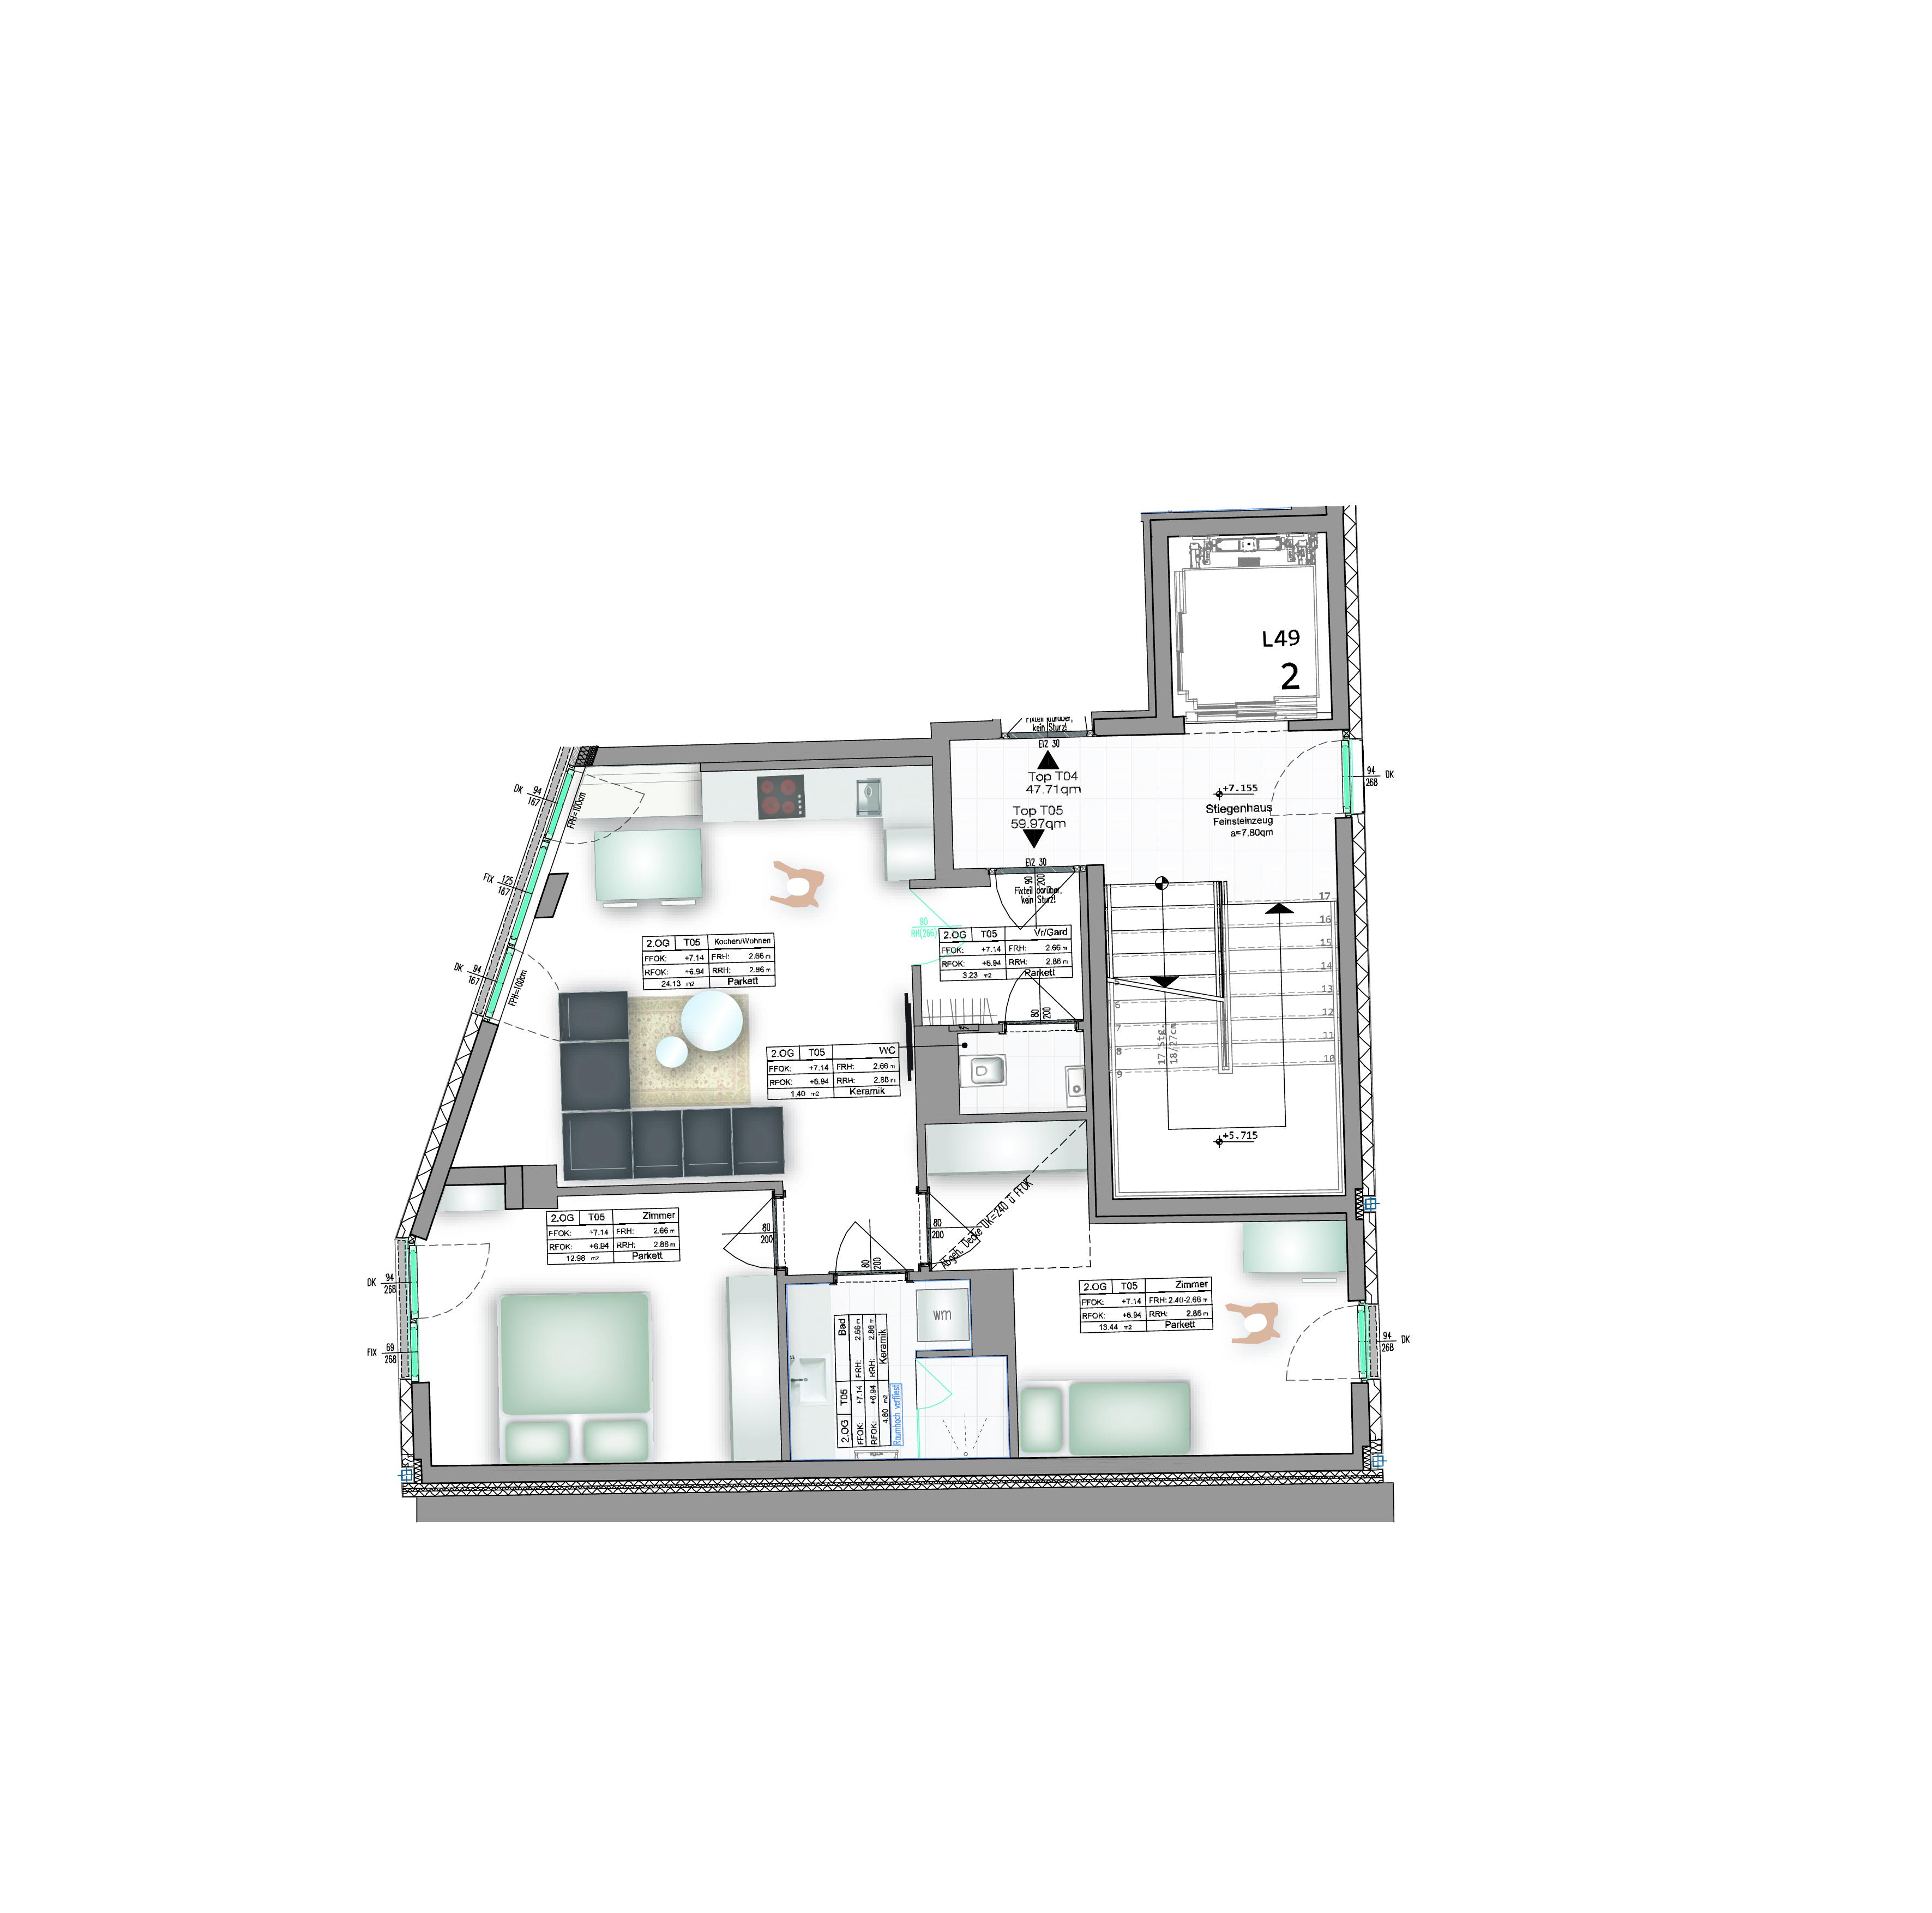 Geidorf. Traumhafte 3 Zimmerwohnung - WG-fähig